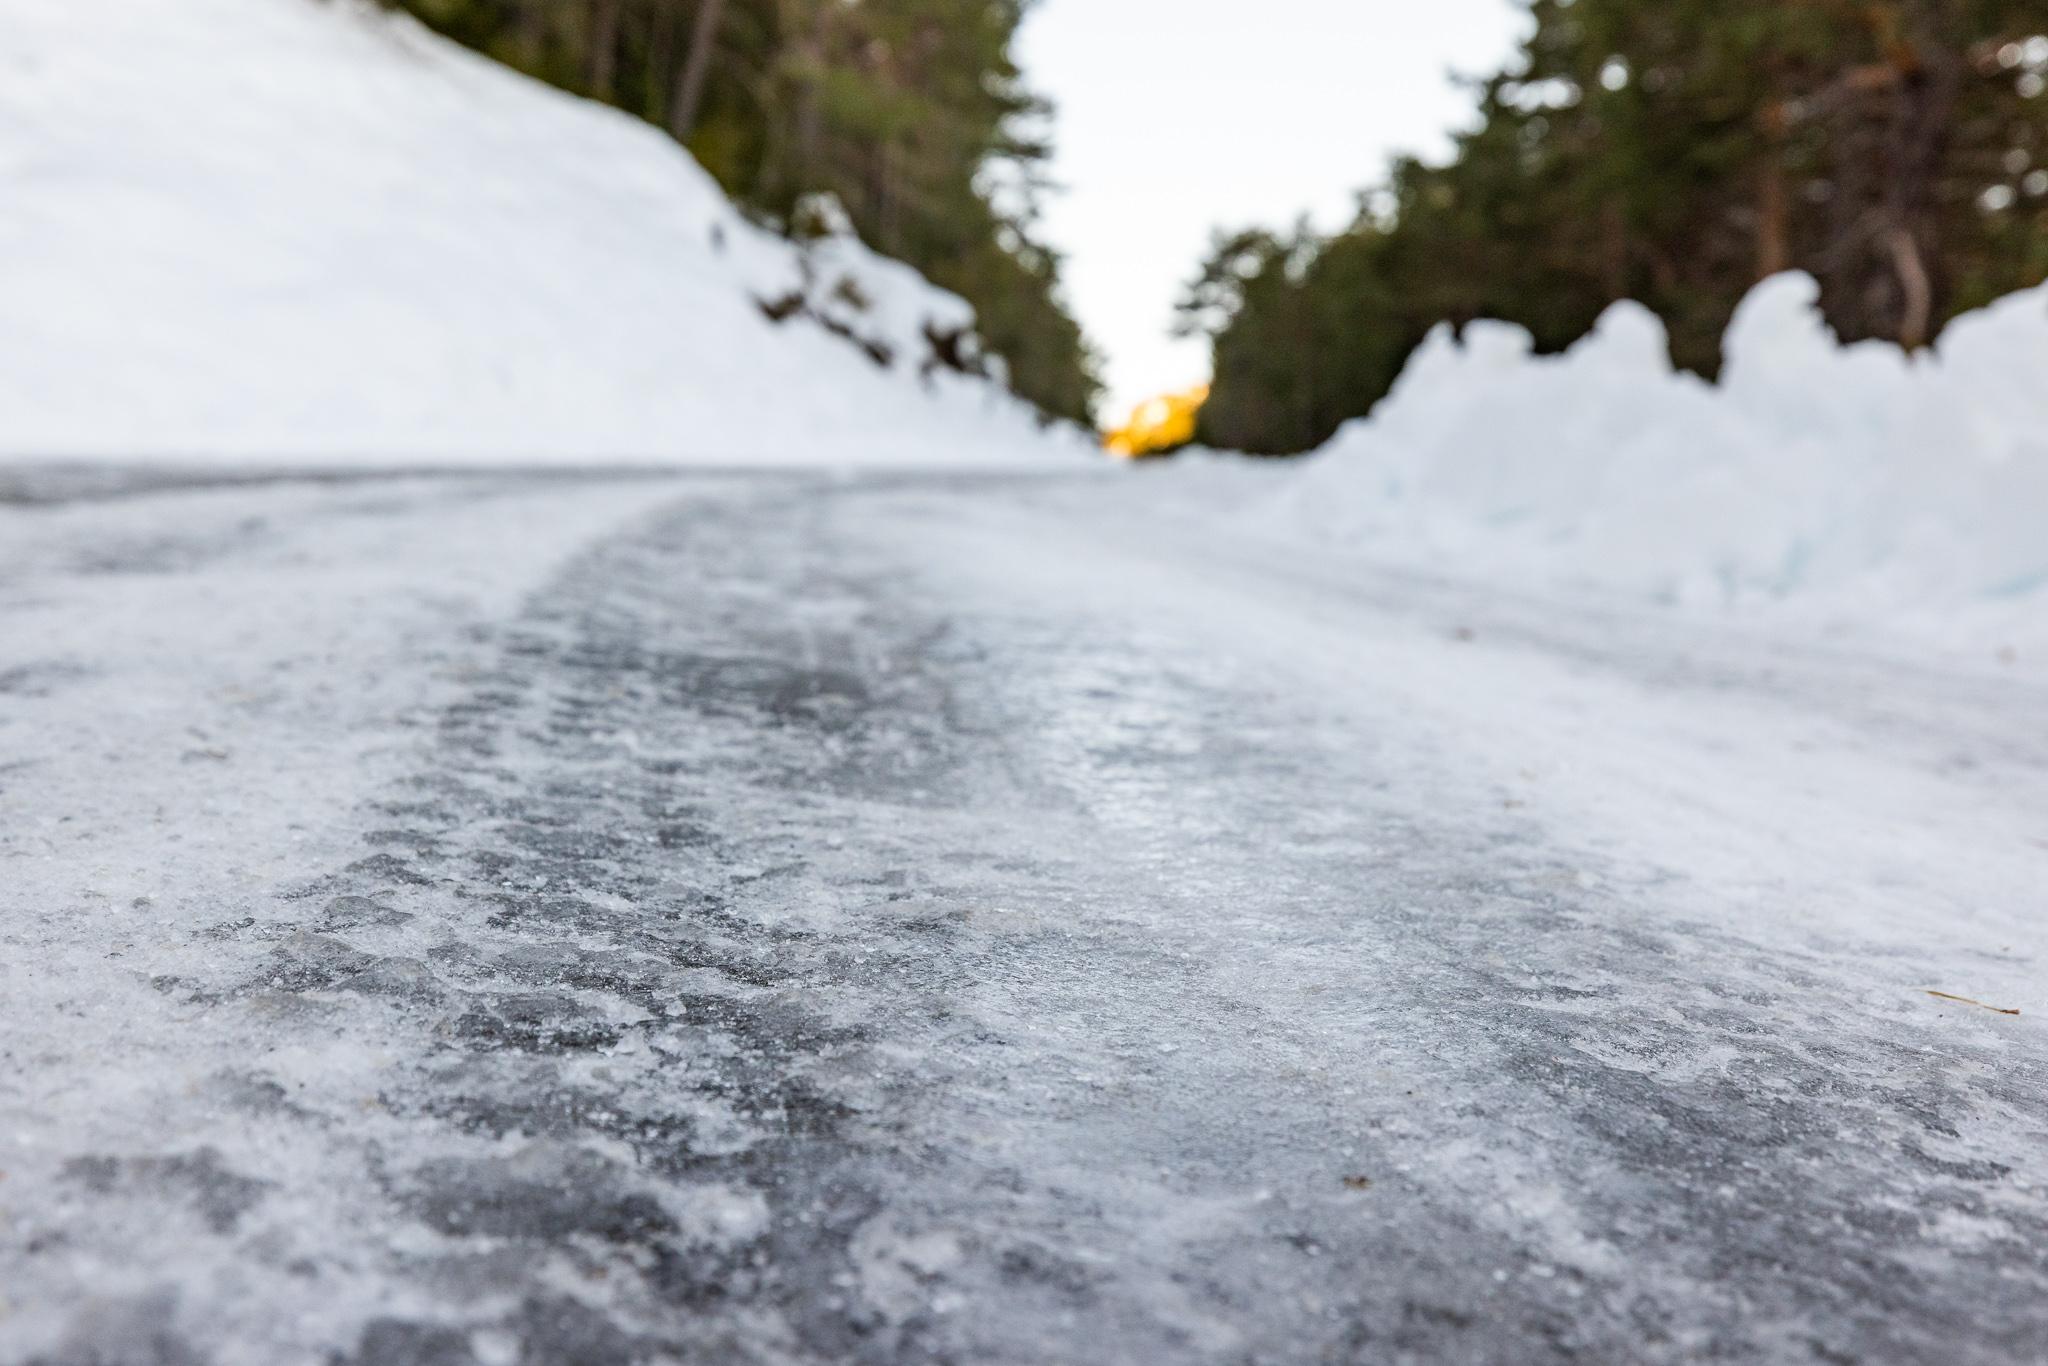 WRC: 89º Rallye Automobile de Monte-Carlo [18-24 Enero] - Página 2 EsFly-1W8AELD1Y?format=jpg&name=large